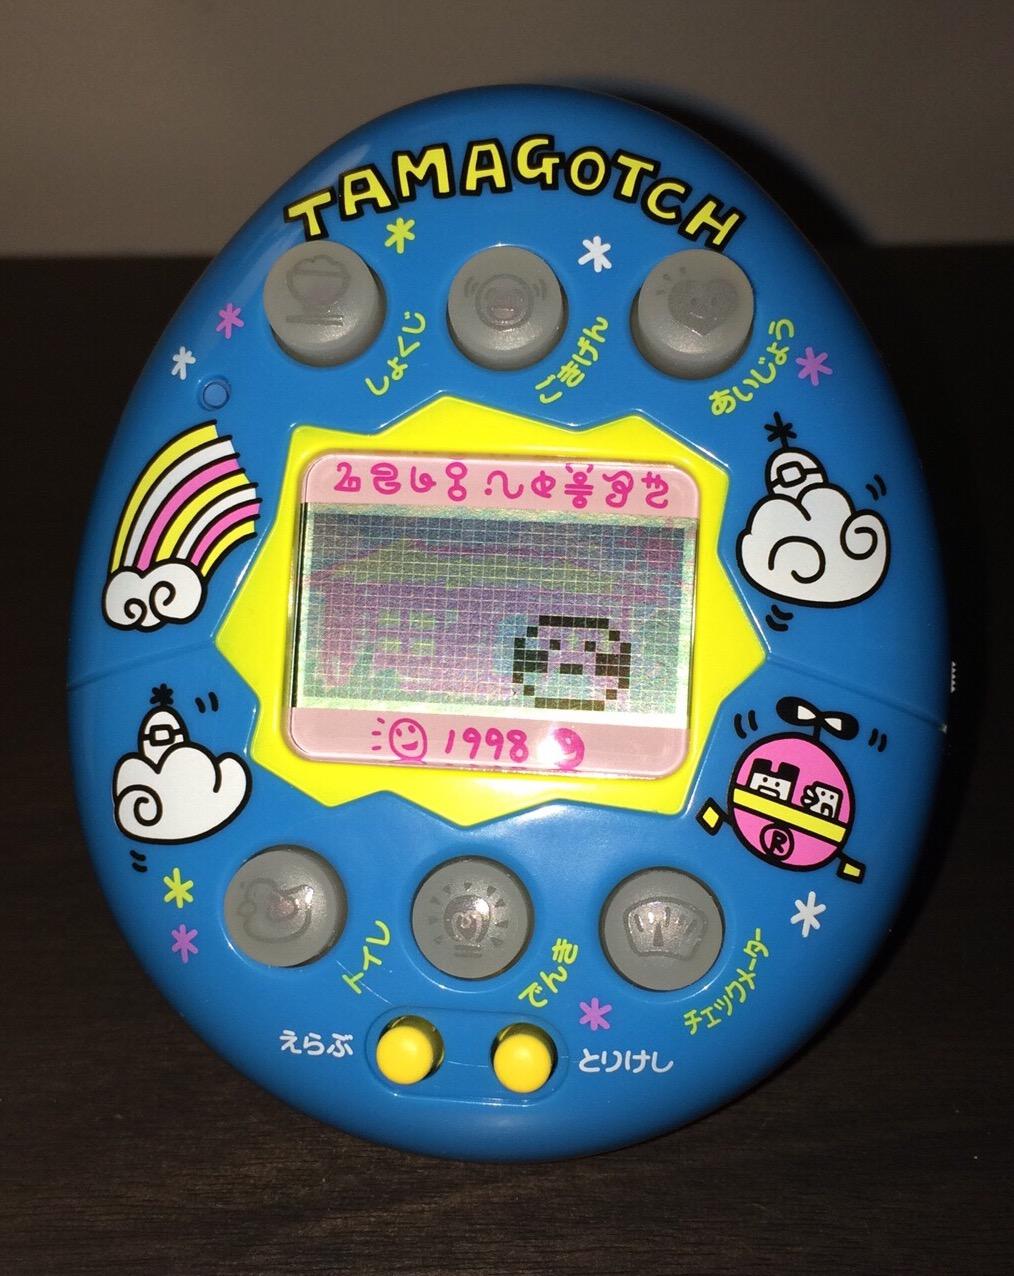 Nostalgia Permainan Tamagotchi ? Artforia Punya Beberapa Daftar Koleksinya Disini !